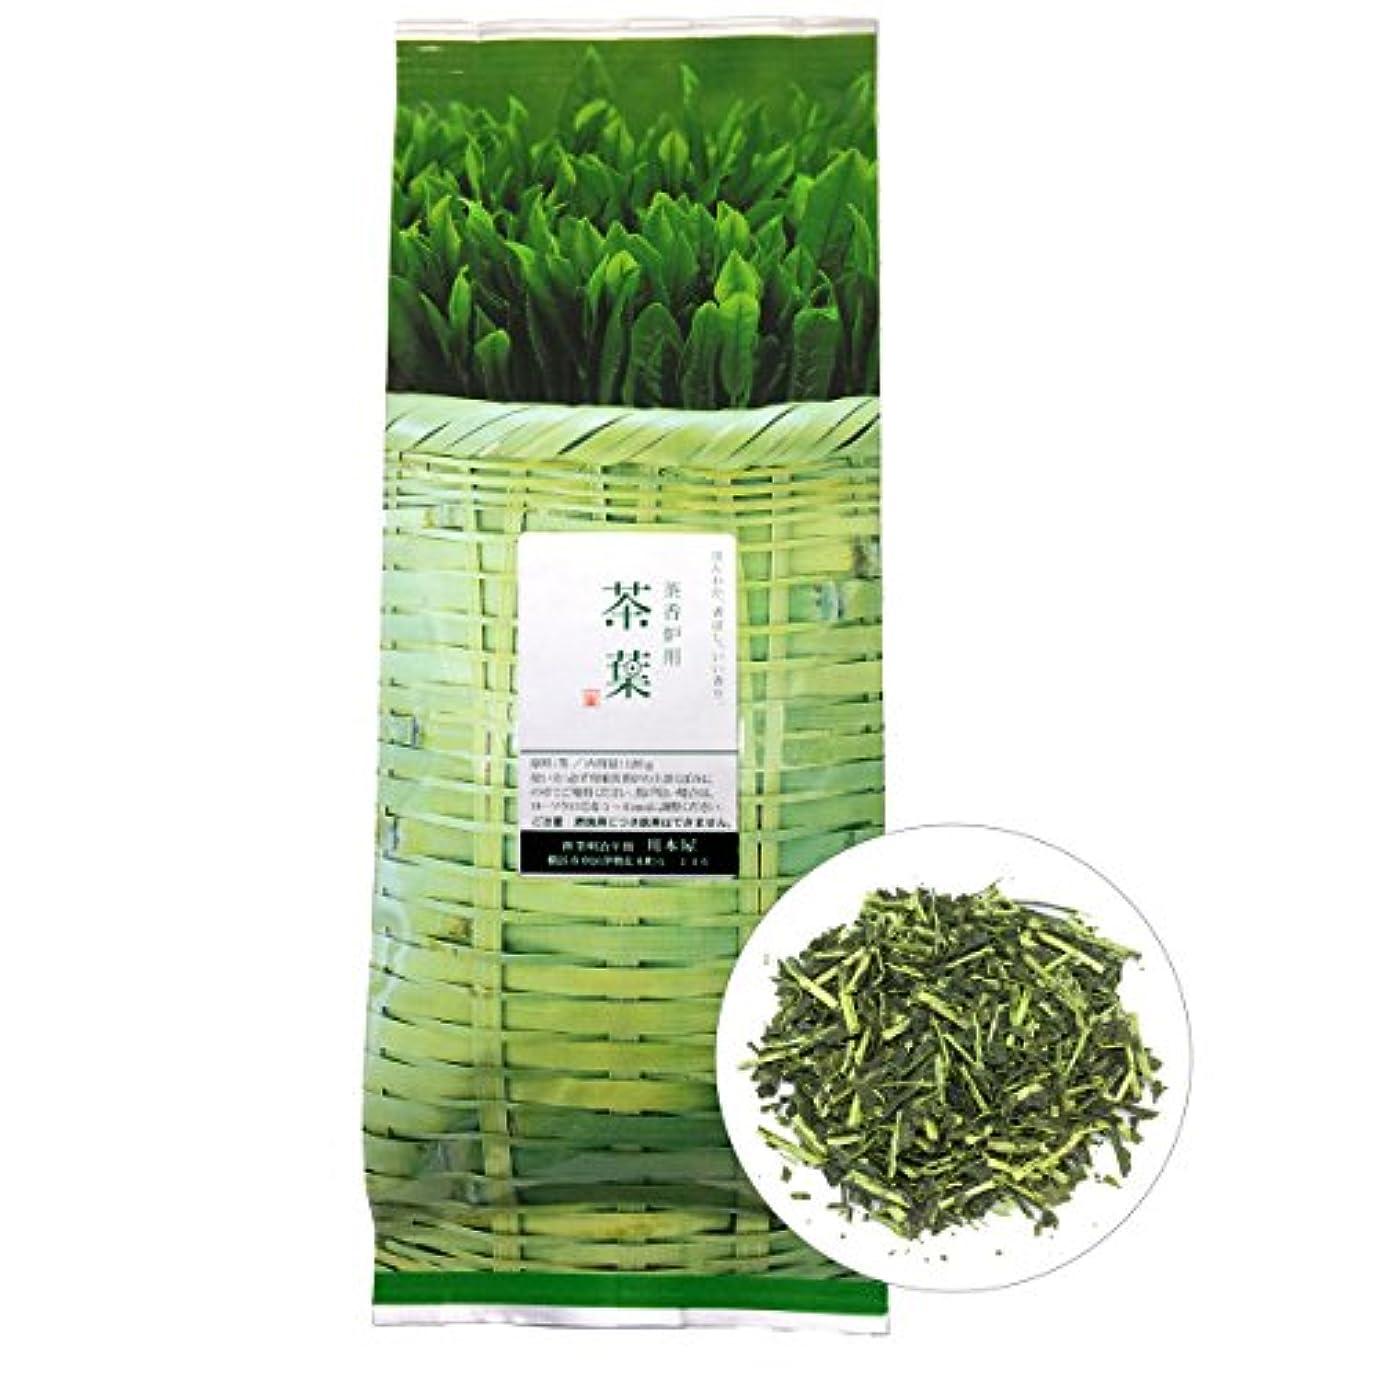 ブラザー徒歩で頻繁に国産 茶香炉専用 茶葉110g (1袋) 川本屋茶舗